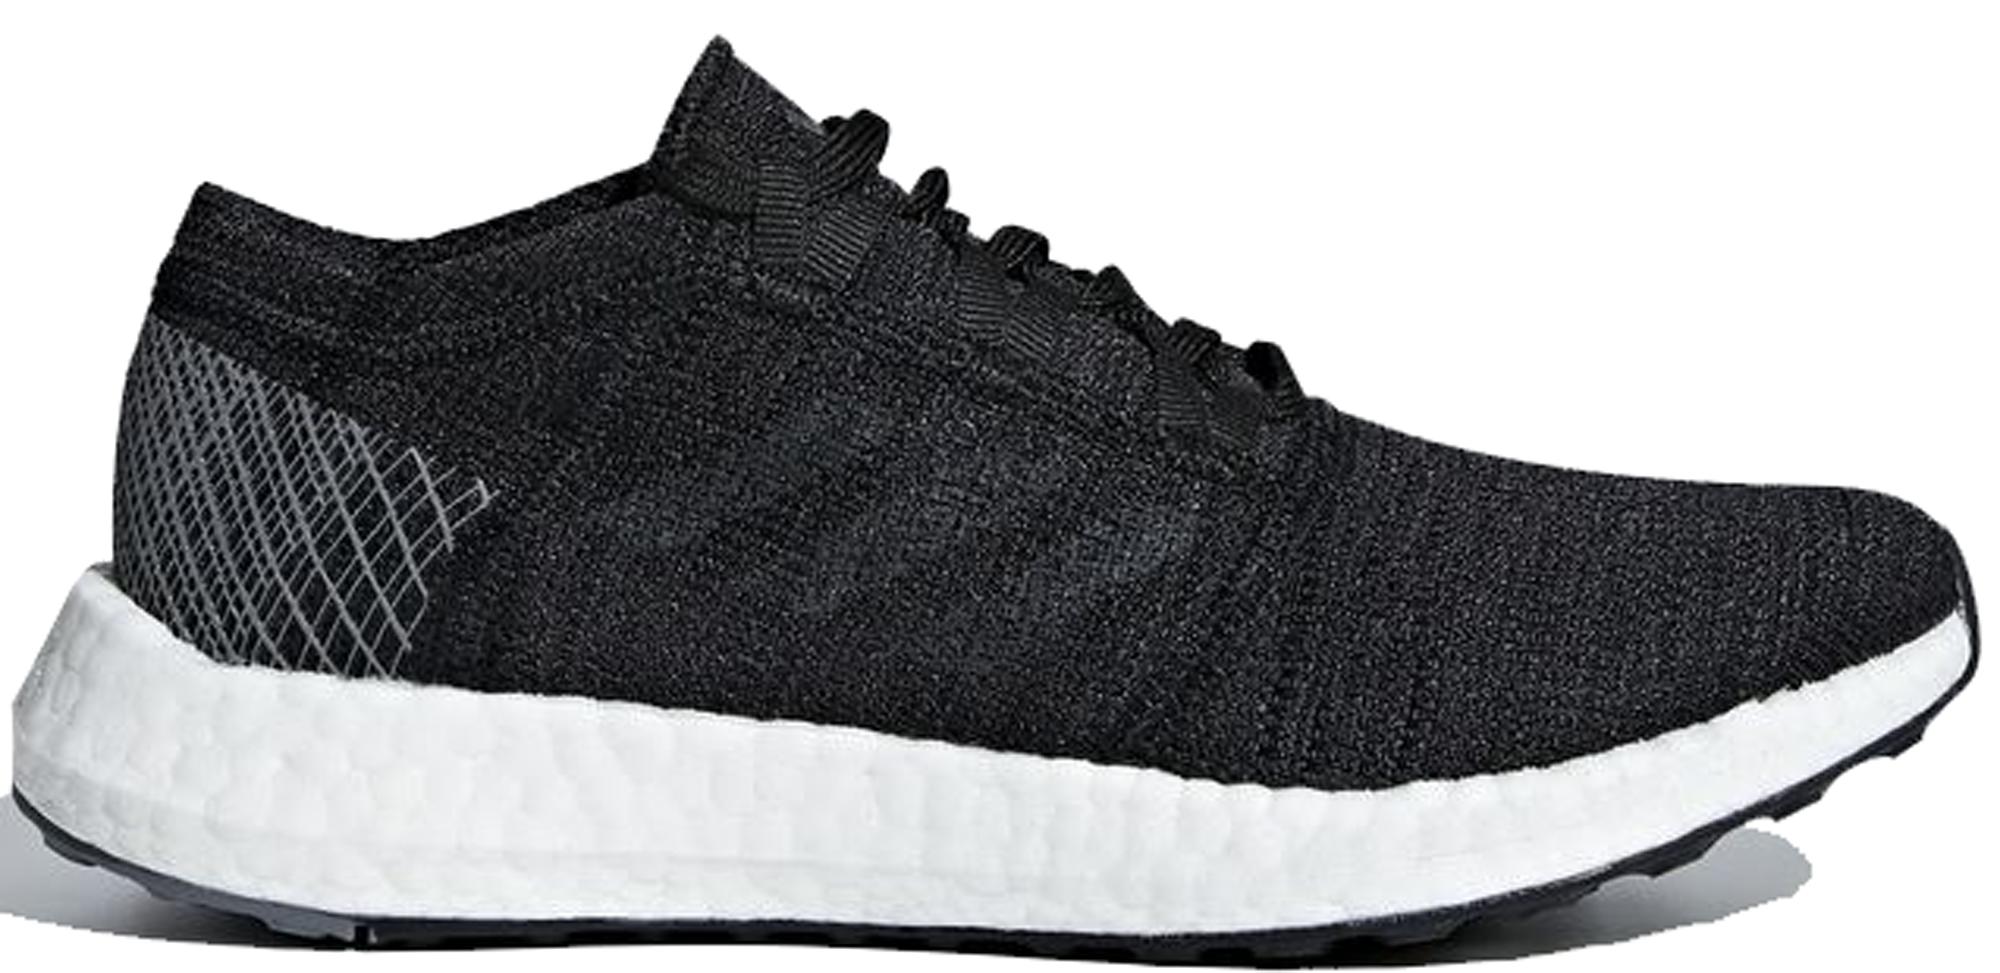 adidas Pureboost Go Core Black Grey